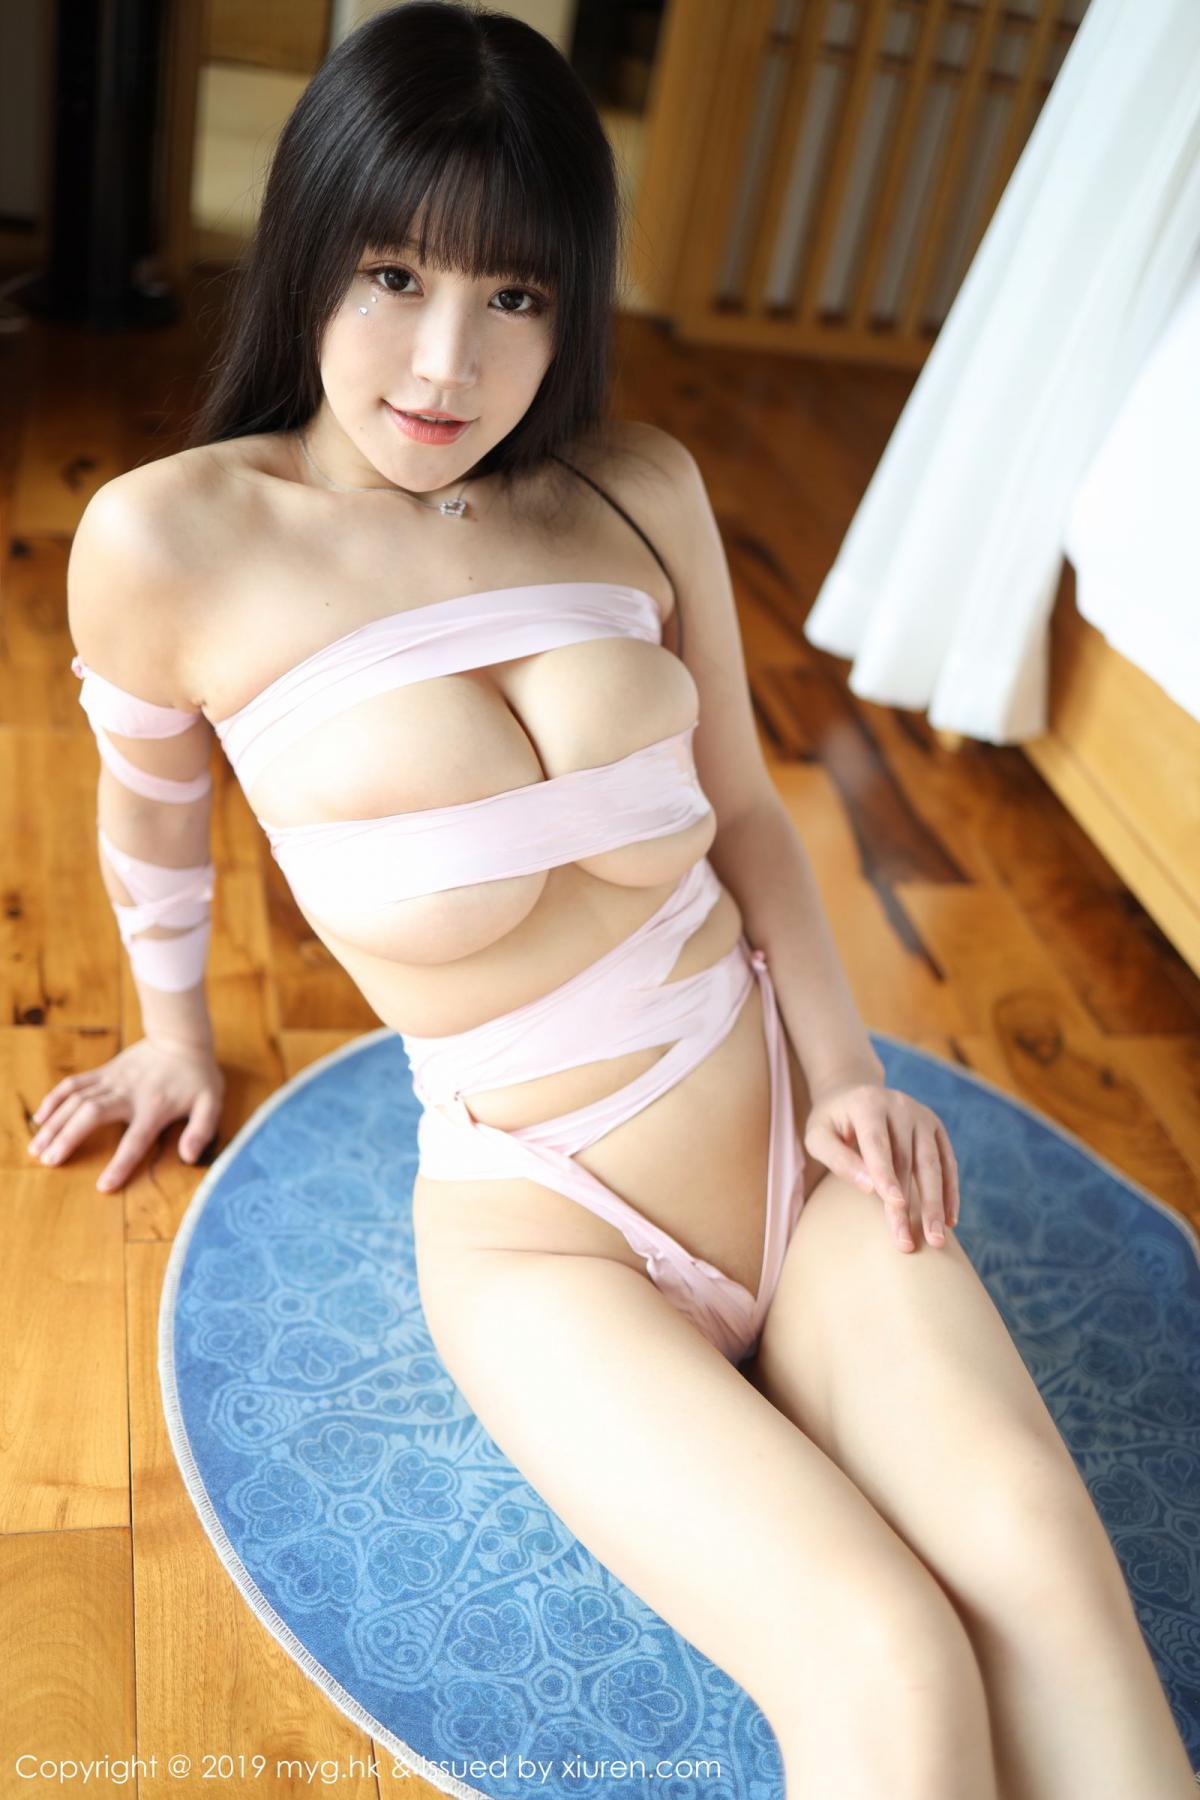 [MyGirl] Vol.366 Zhu Ke Er 12P, mygirl, Zhu Ke Er